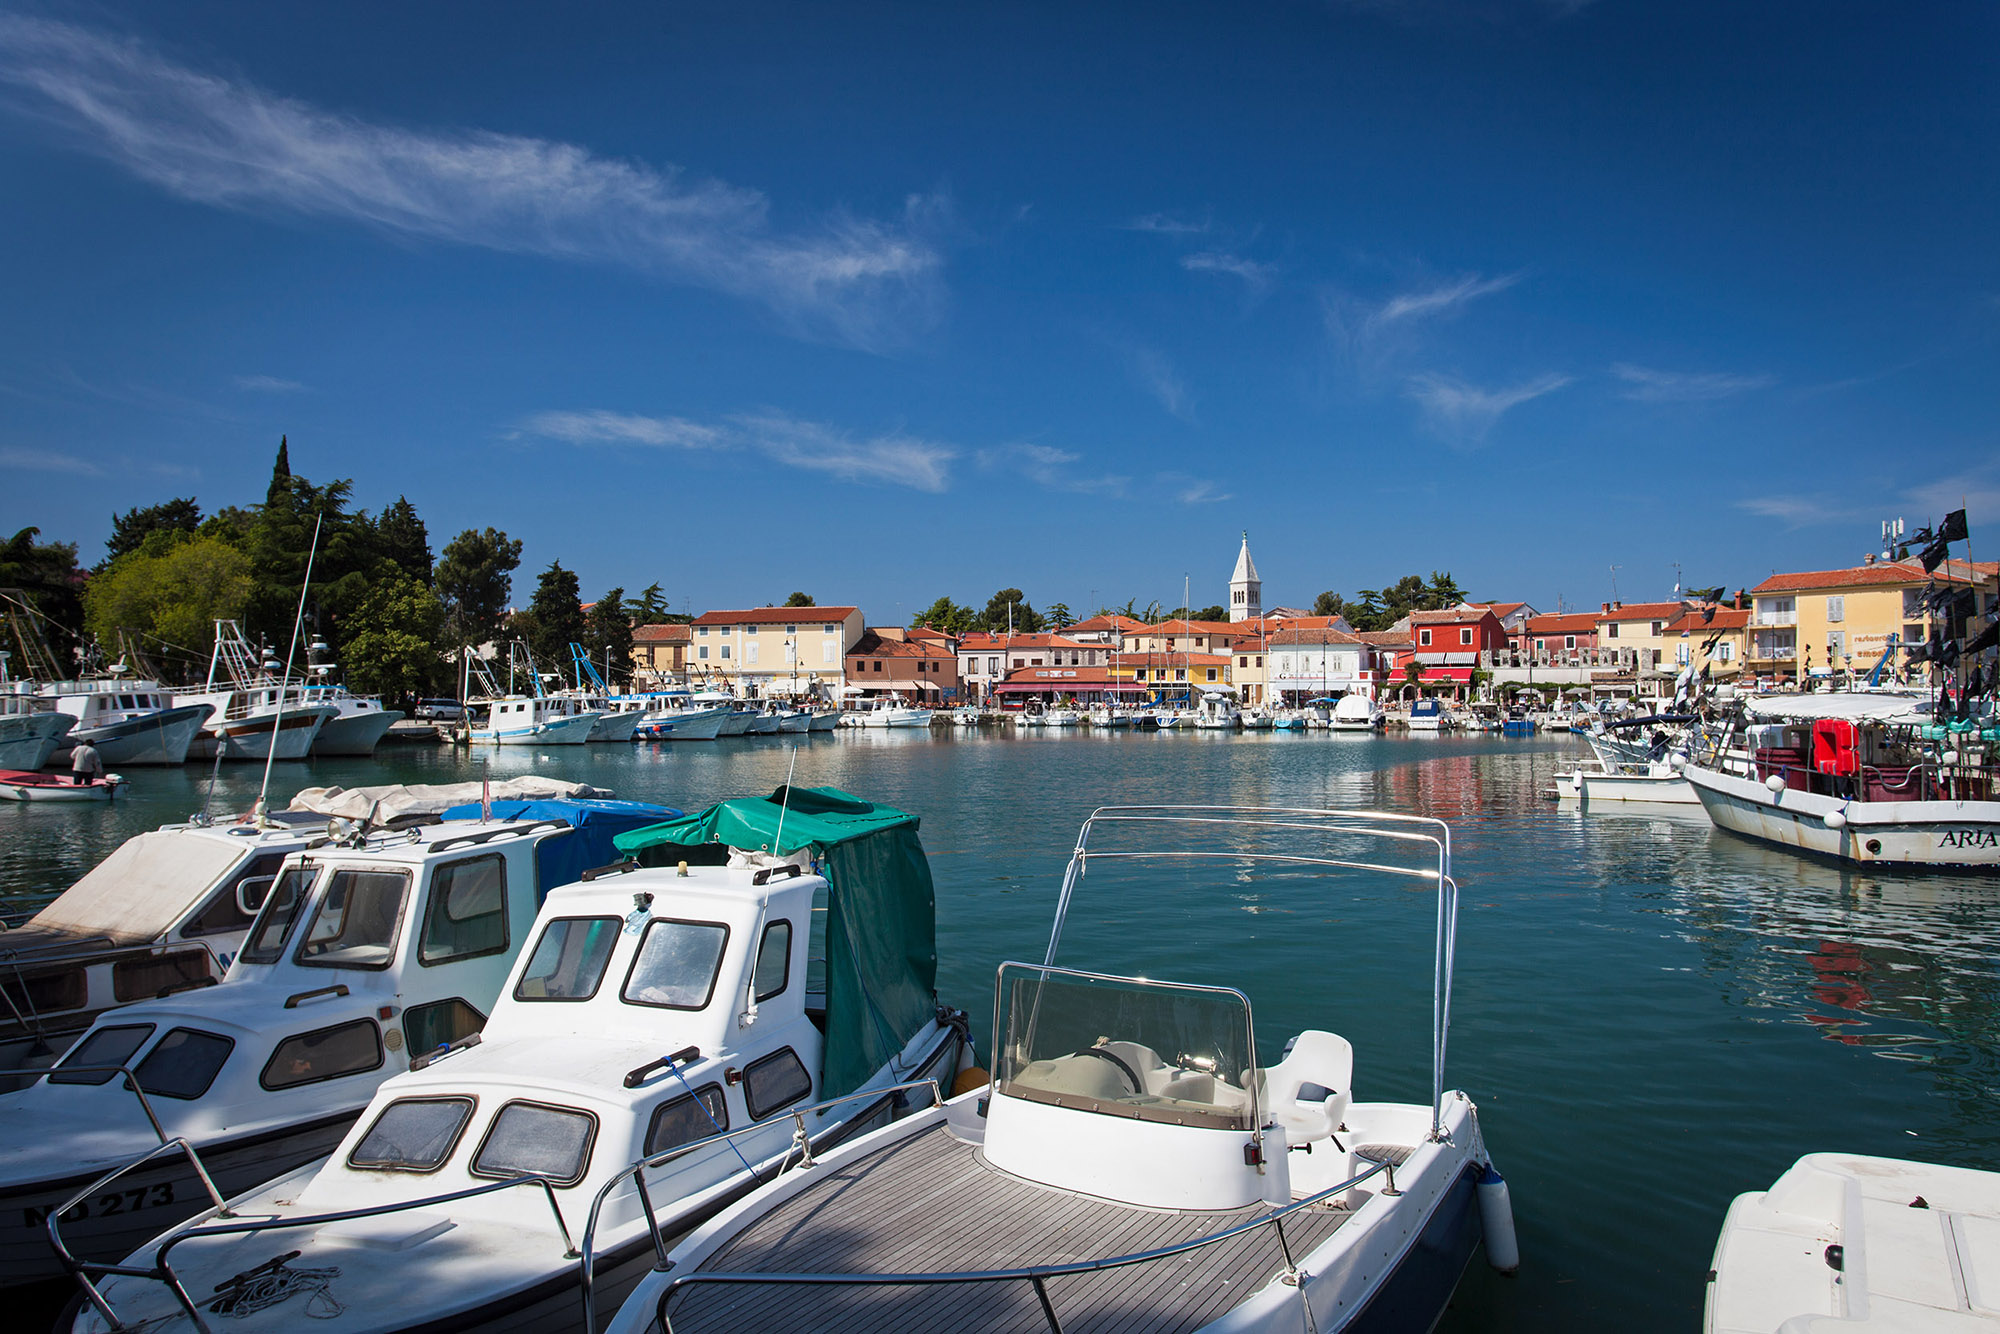 ktm adventure tours kroatien-102.jpg